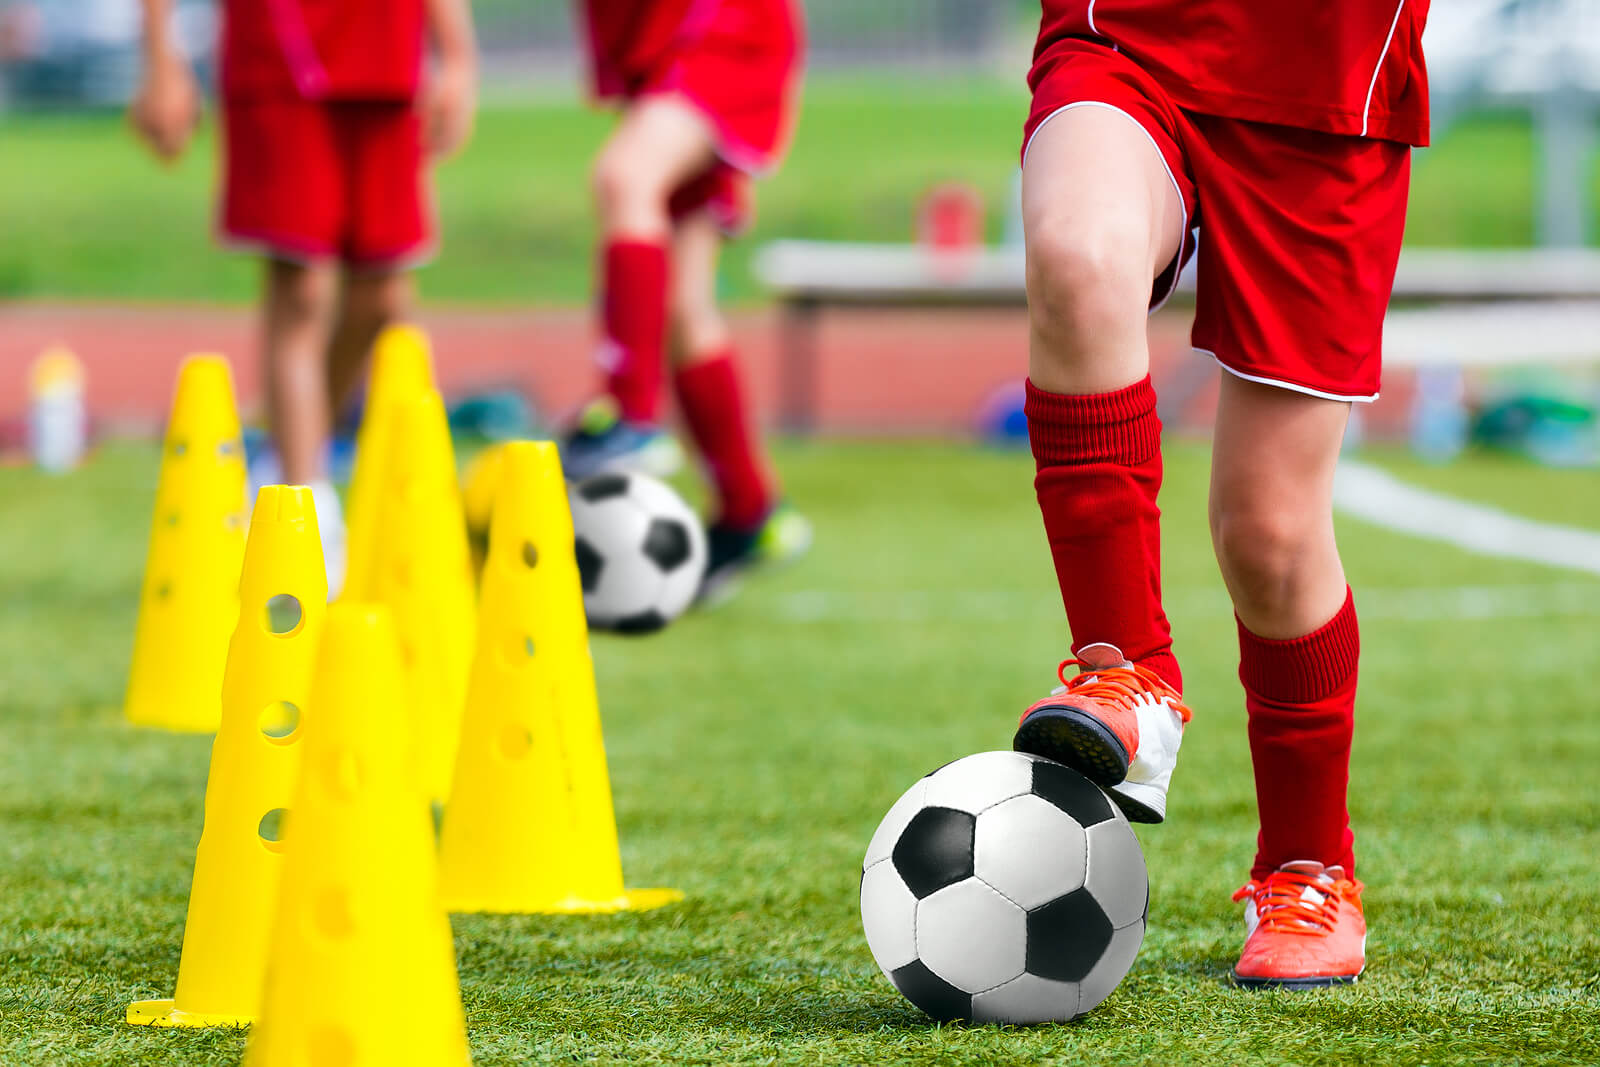 Fussball Schienbeinschoner Test